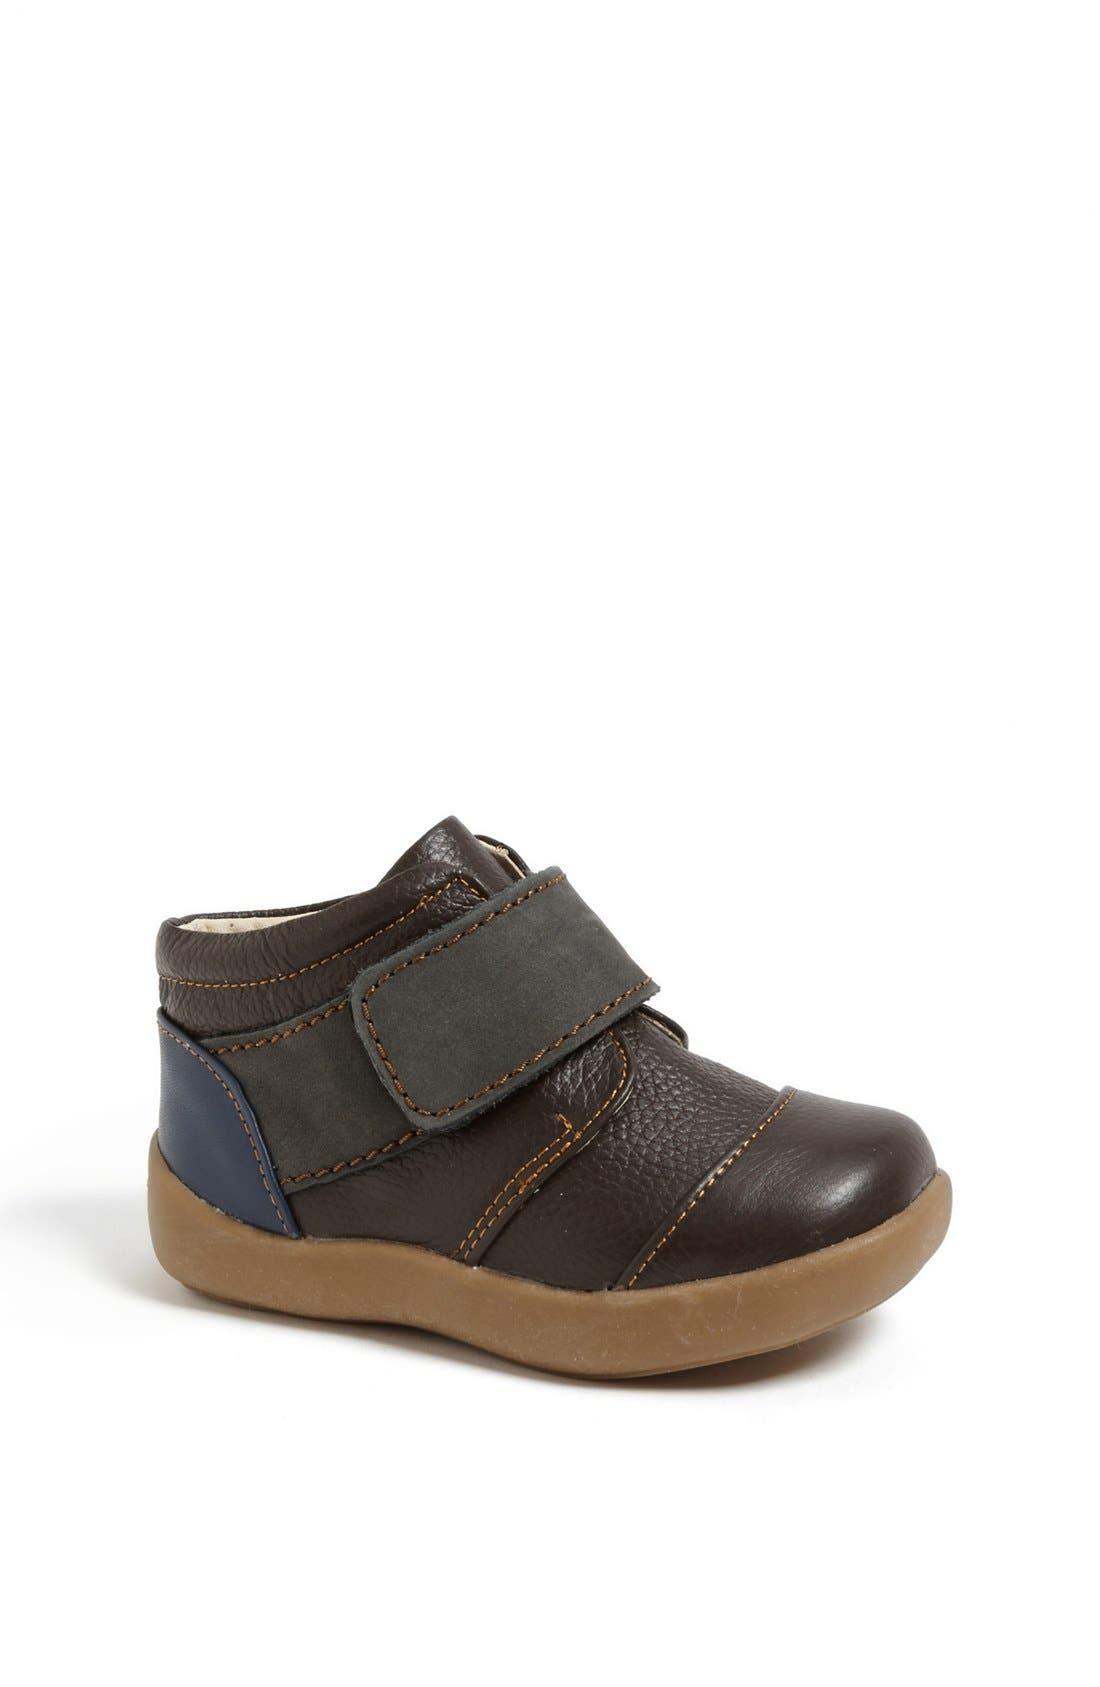 Main Image - See Kai Run 'Alden' Boot (Toddler & Little Kid)